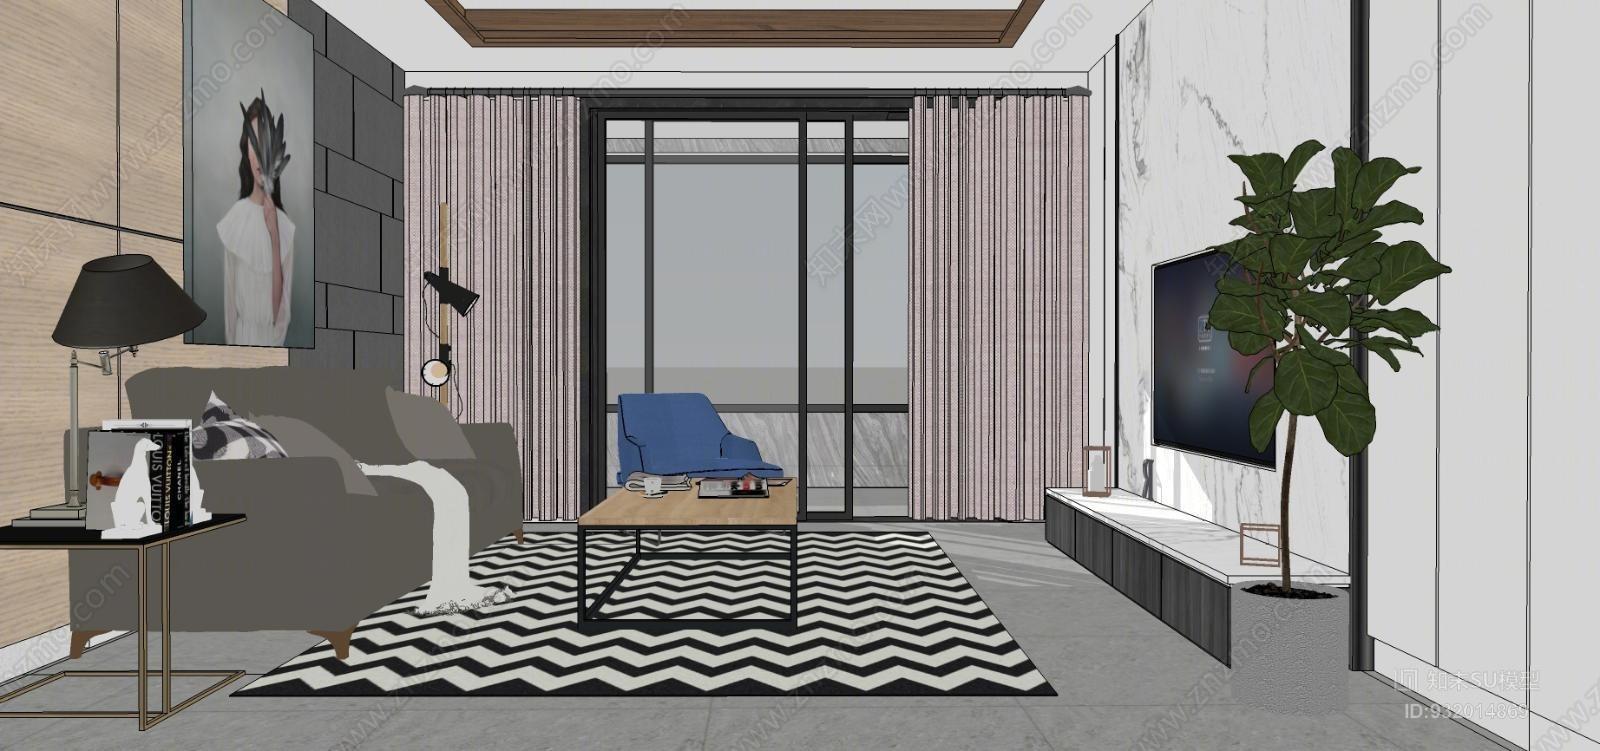 现代风格客厅滑动门 室内 楼梯 庭院 镜子